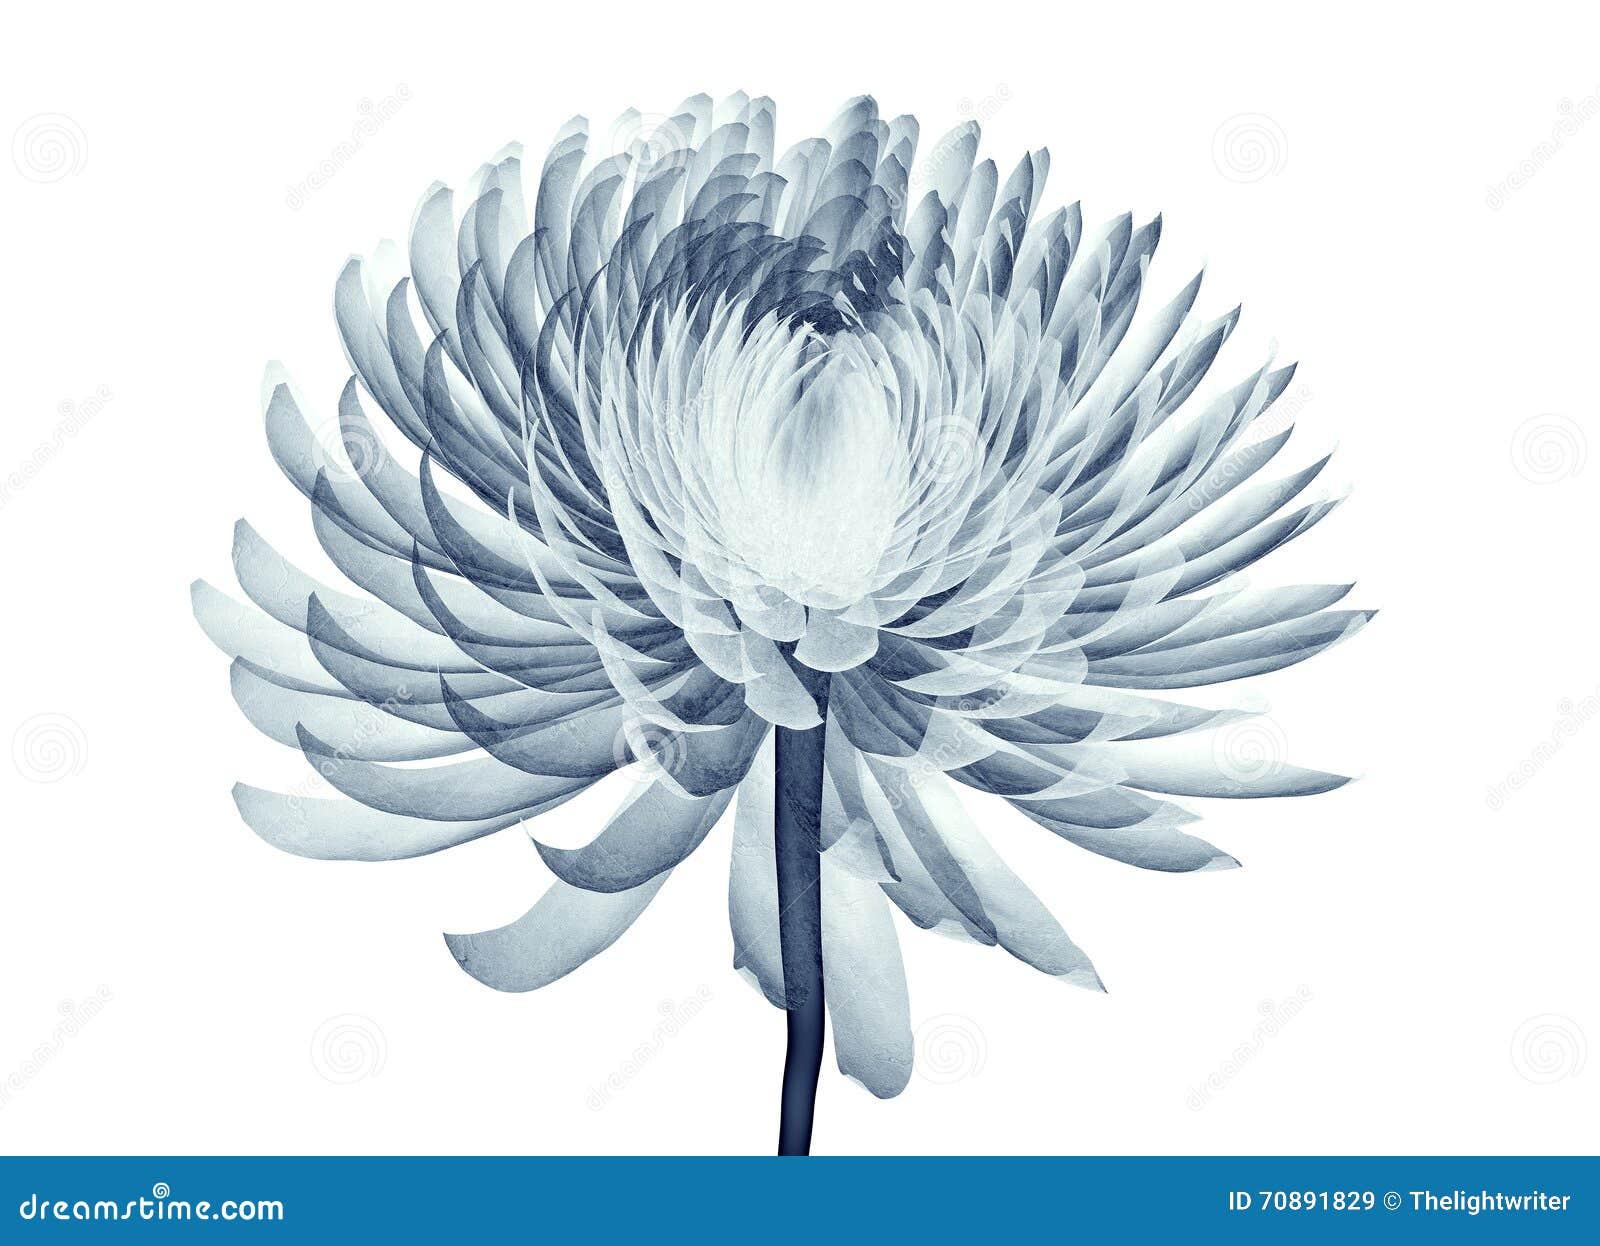 Röntgenstraalbeeld van een bloem op wit, de Pompon Chrysanth wordt geïsoleerd die